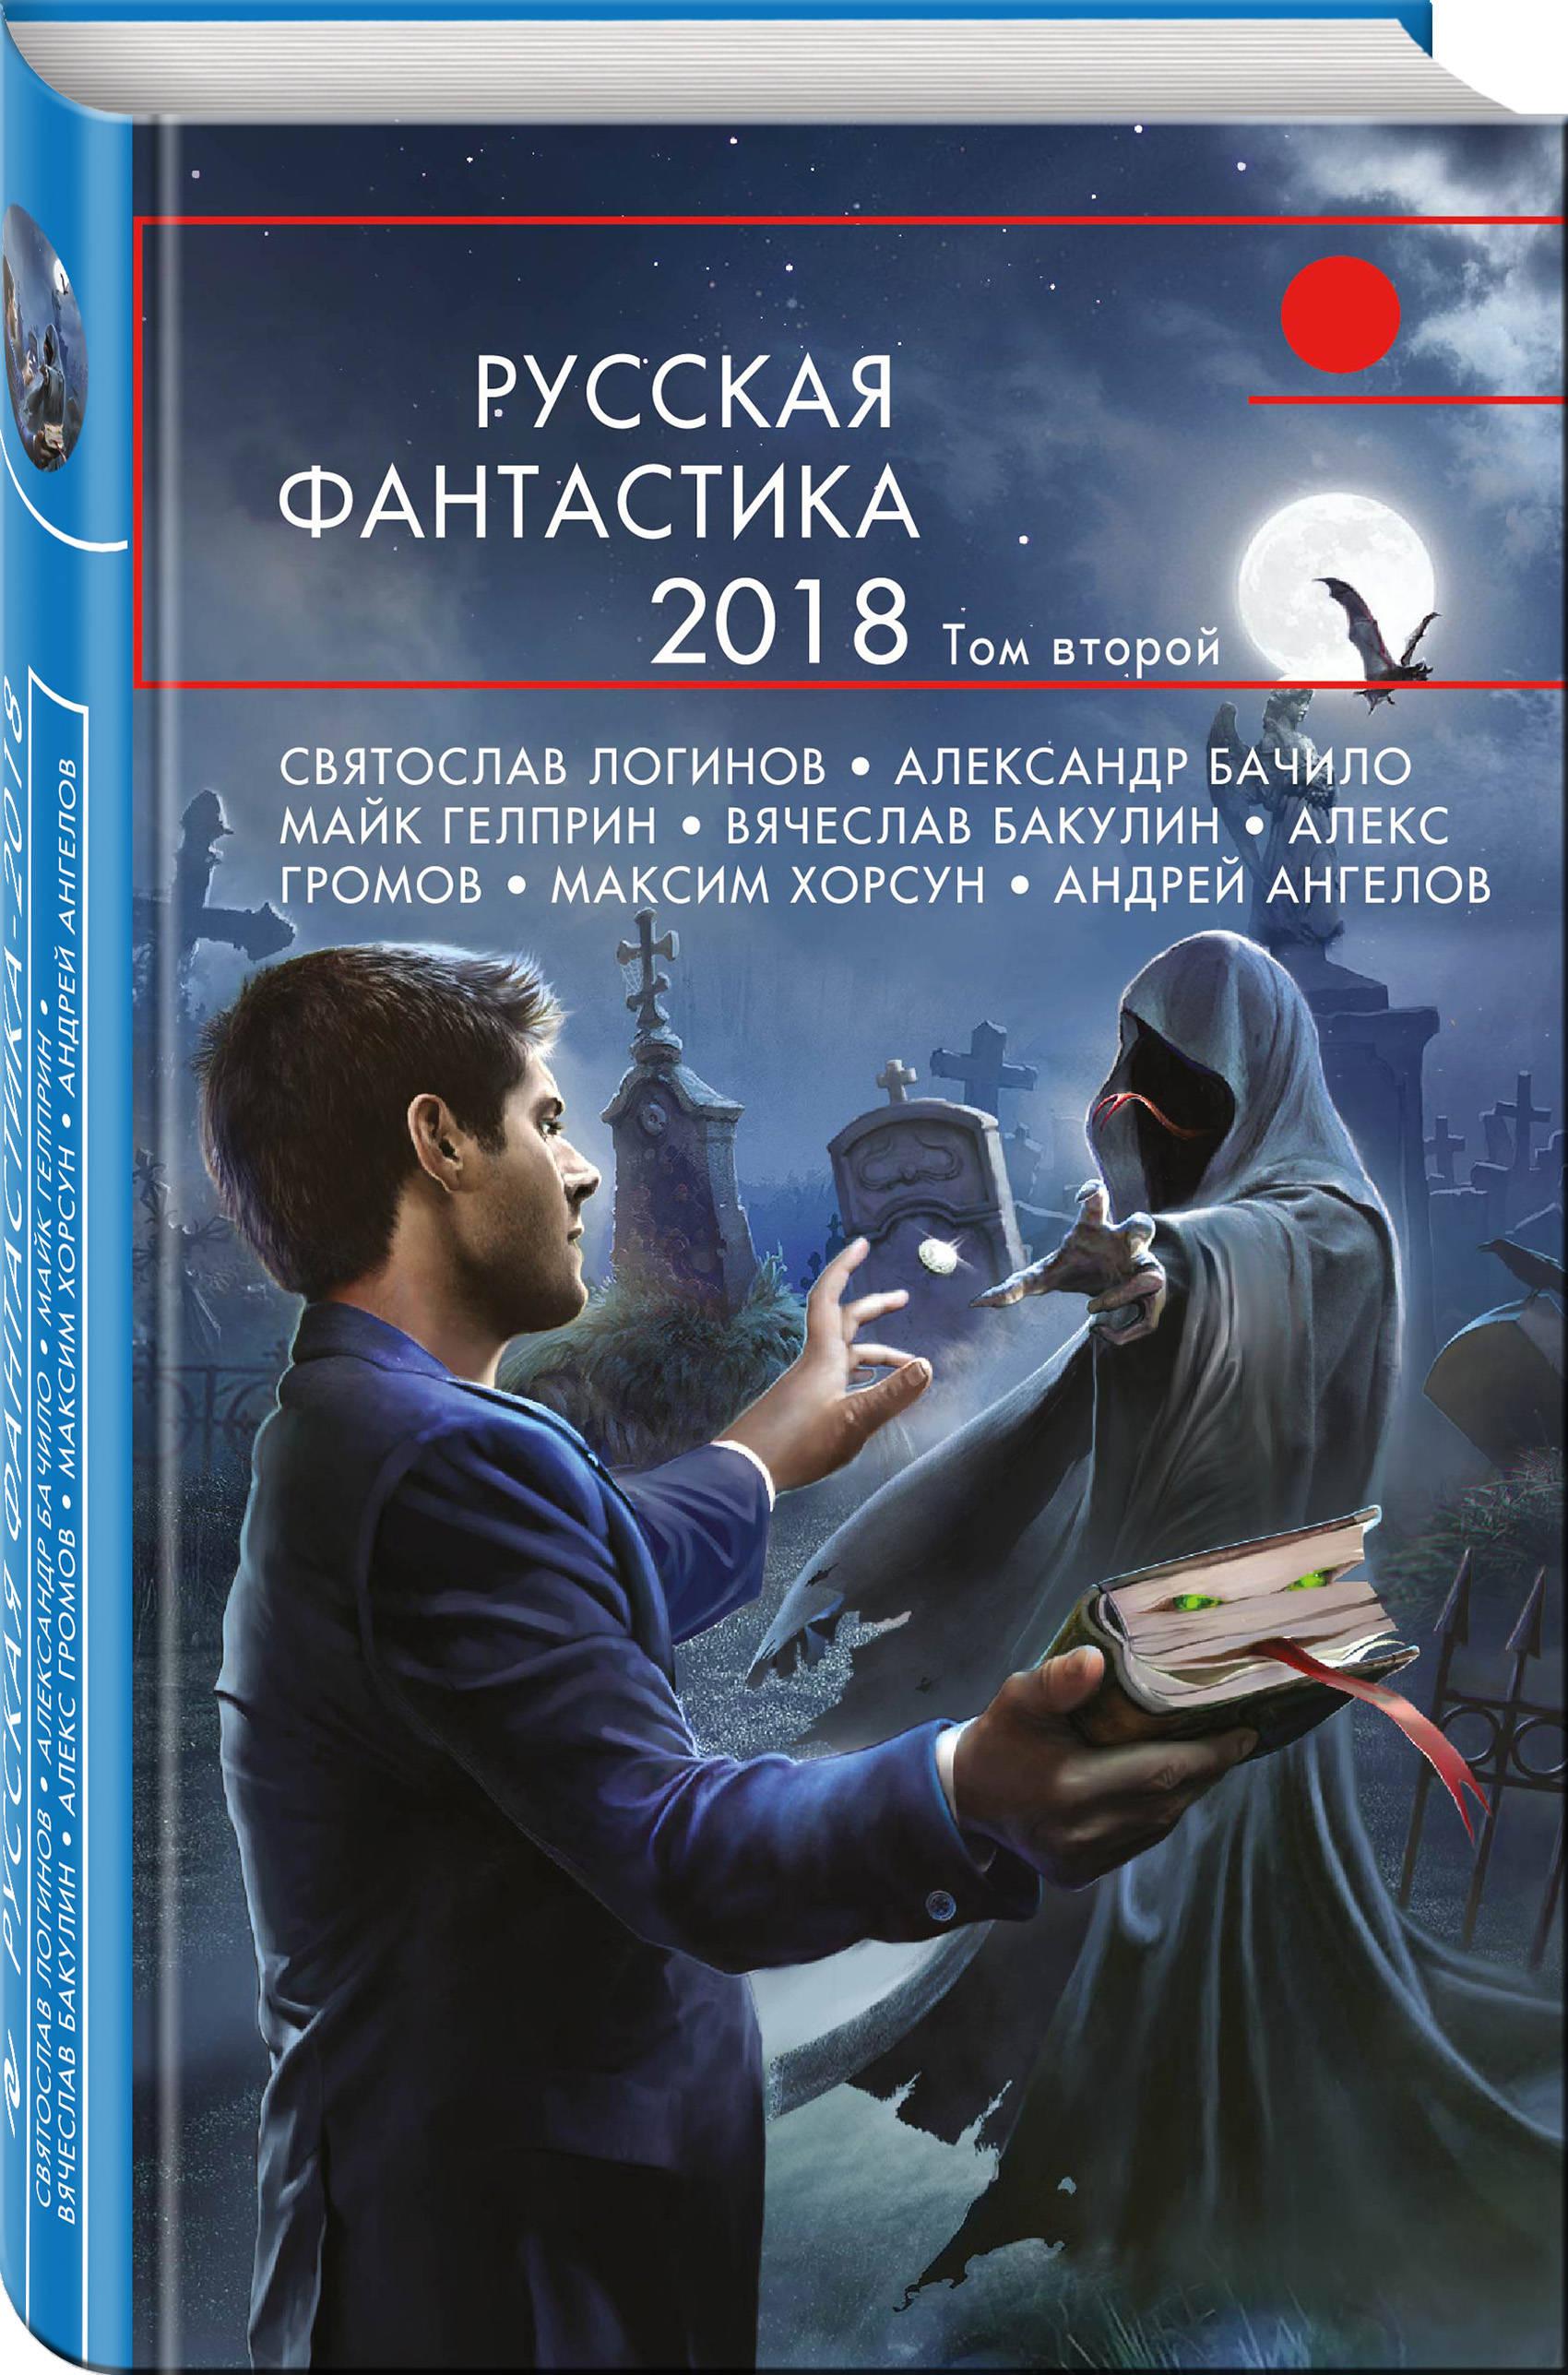 Гелприн М., Логинов С., Бачило А. Русская фантастика-2018. Том второй